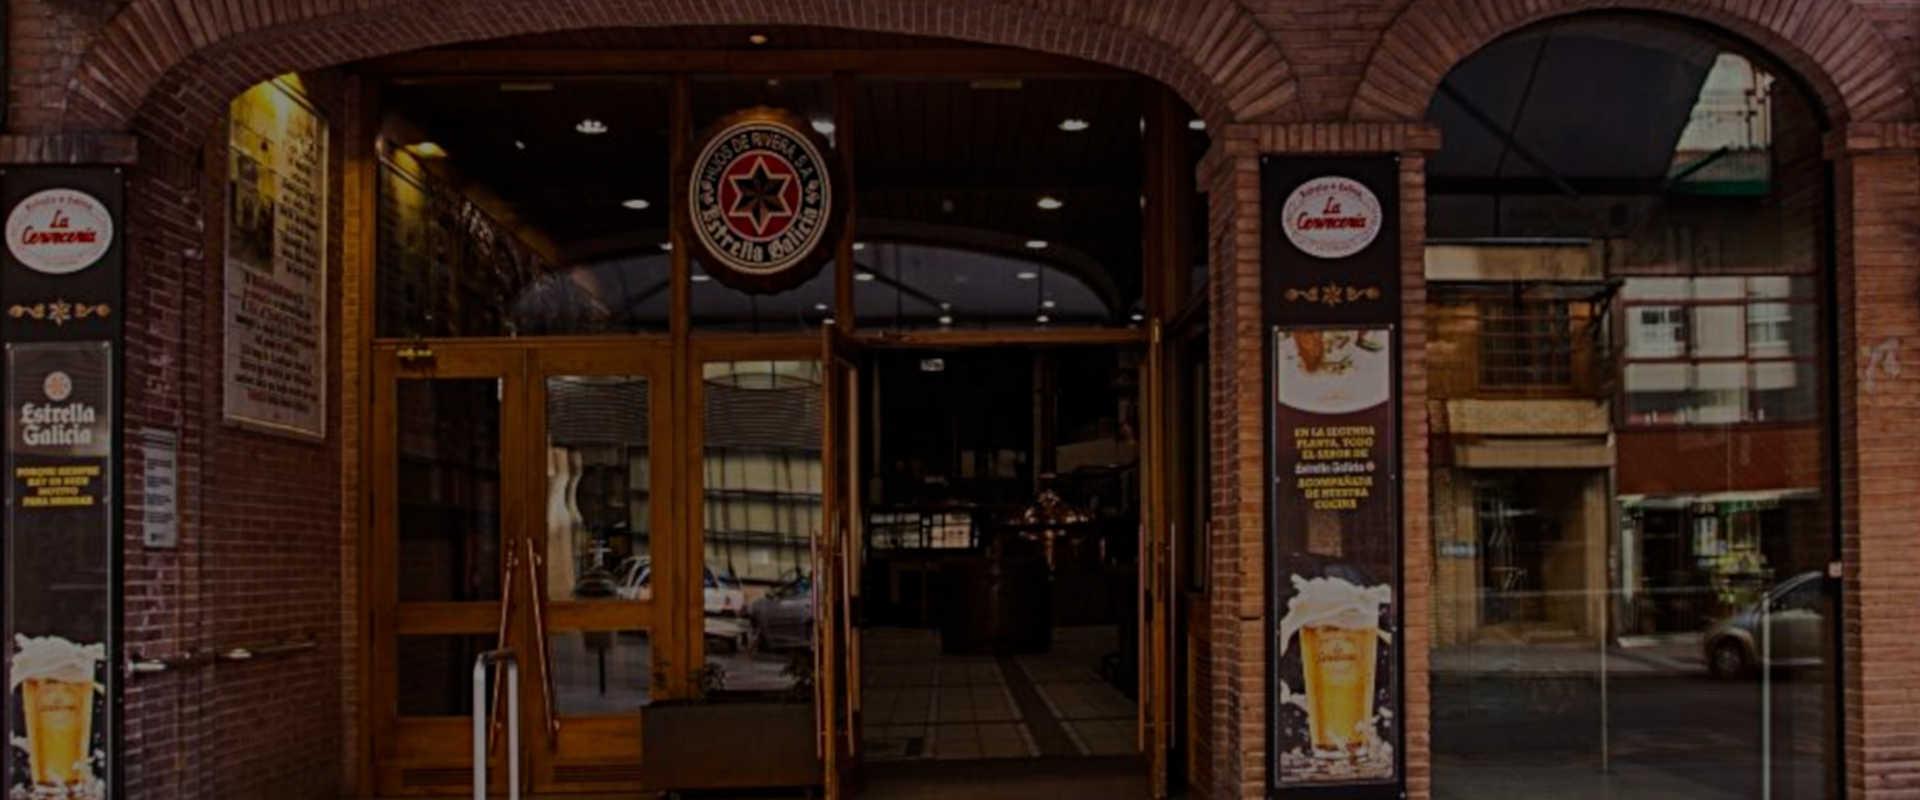 Contacta con La Cervecería de La Estrella de Galicia (Giste Cervecera SLU)